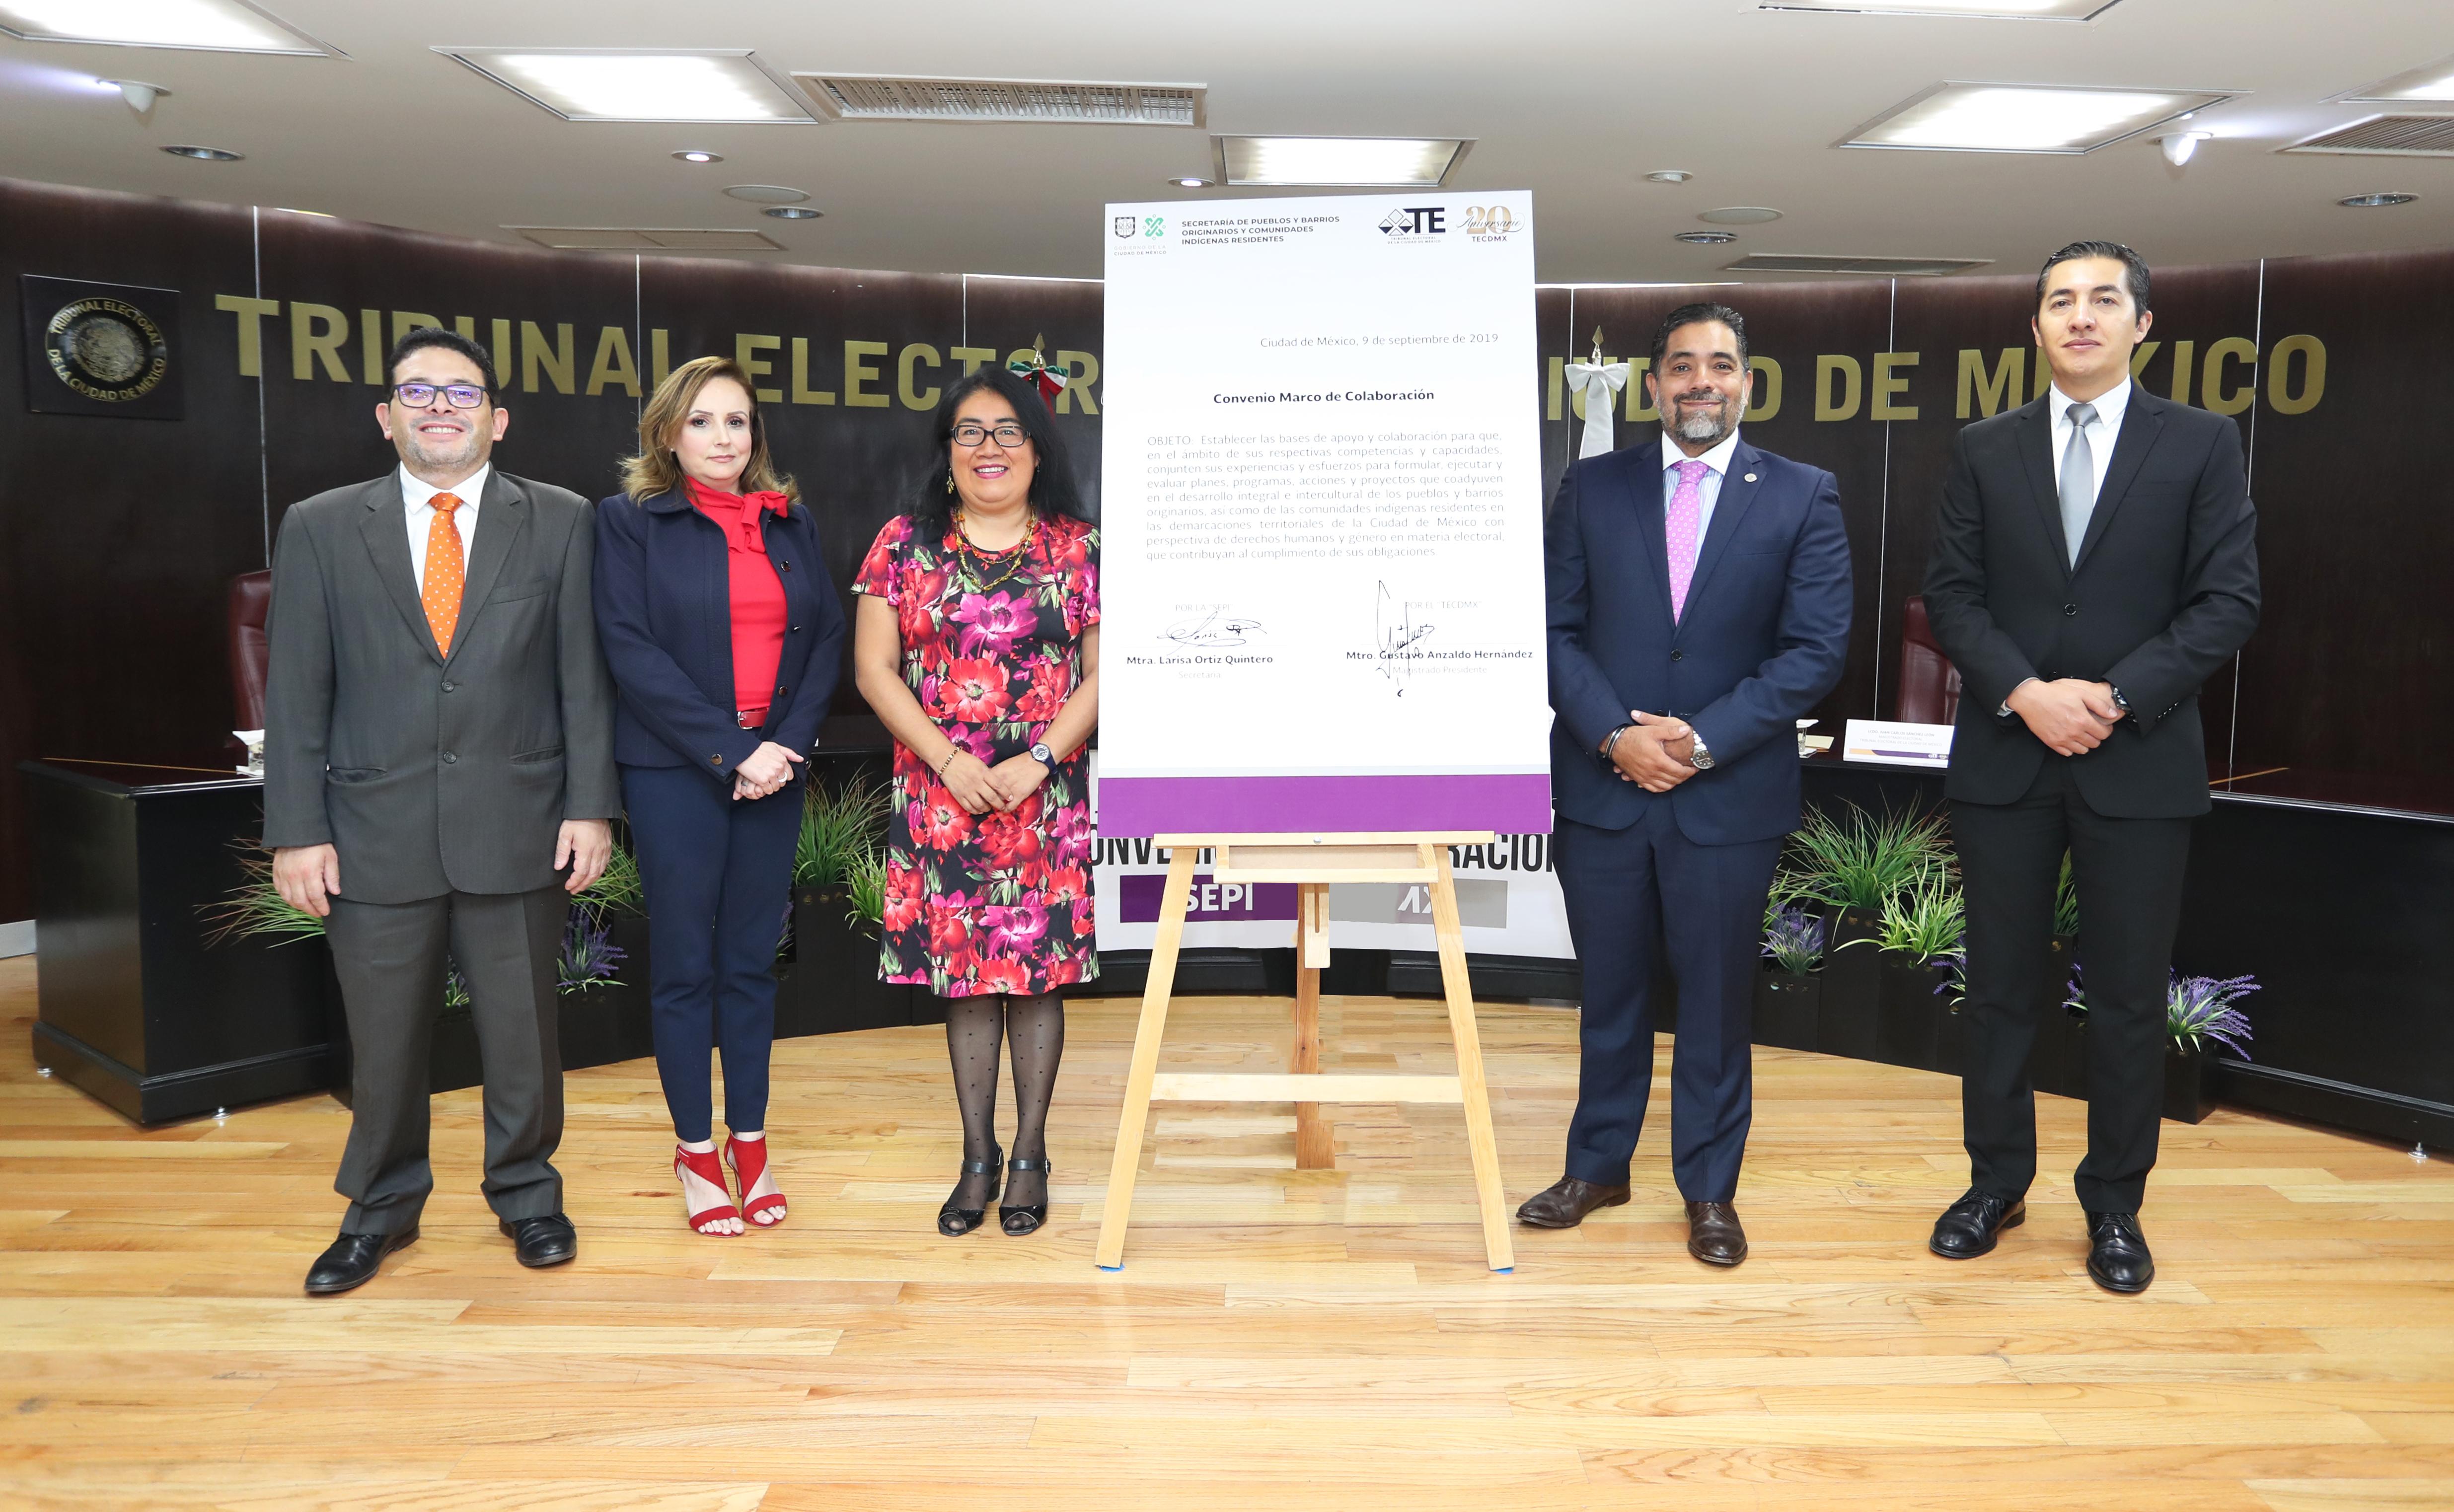 Emprenderán TECDMX y SEPI acciones conjuntas en favor de Pueblos y Barrios Originarios y Comunidades Indígenas de la CDMX